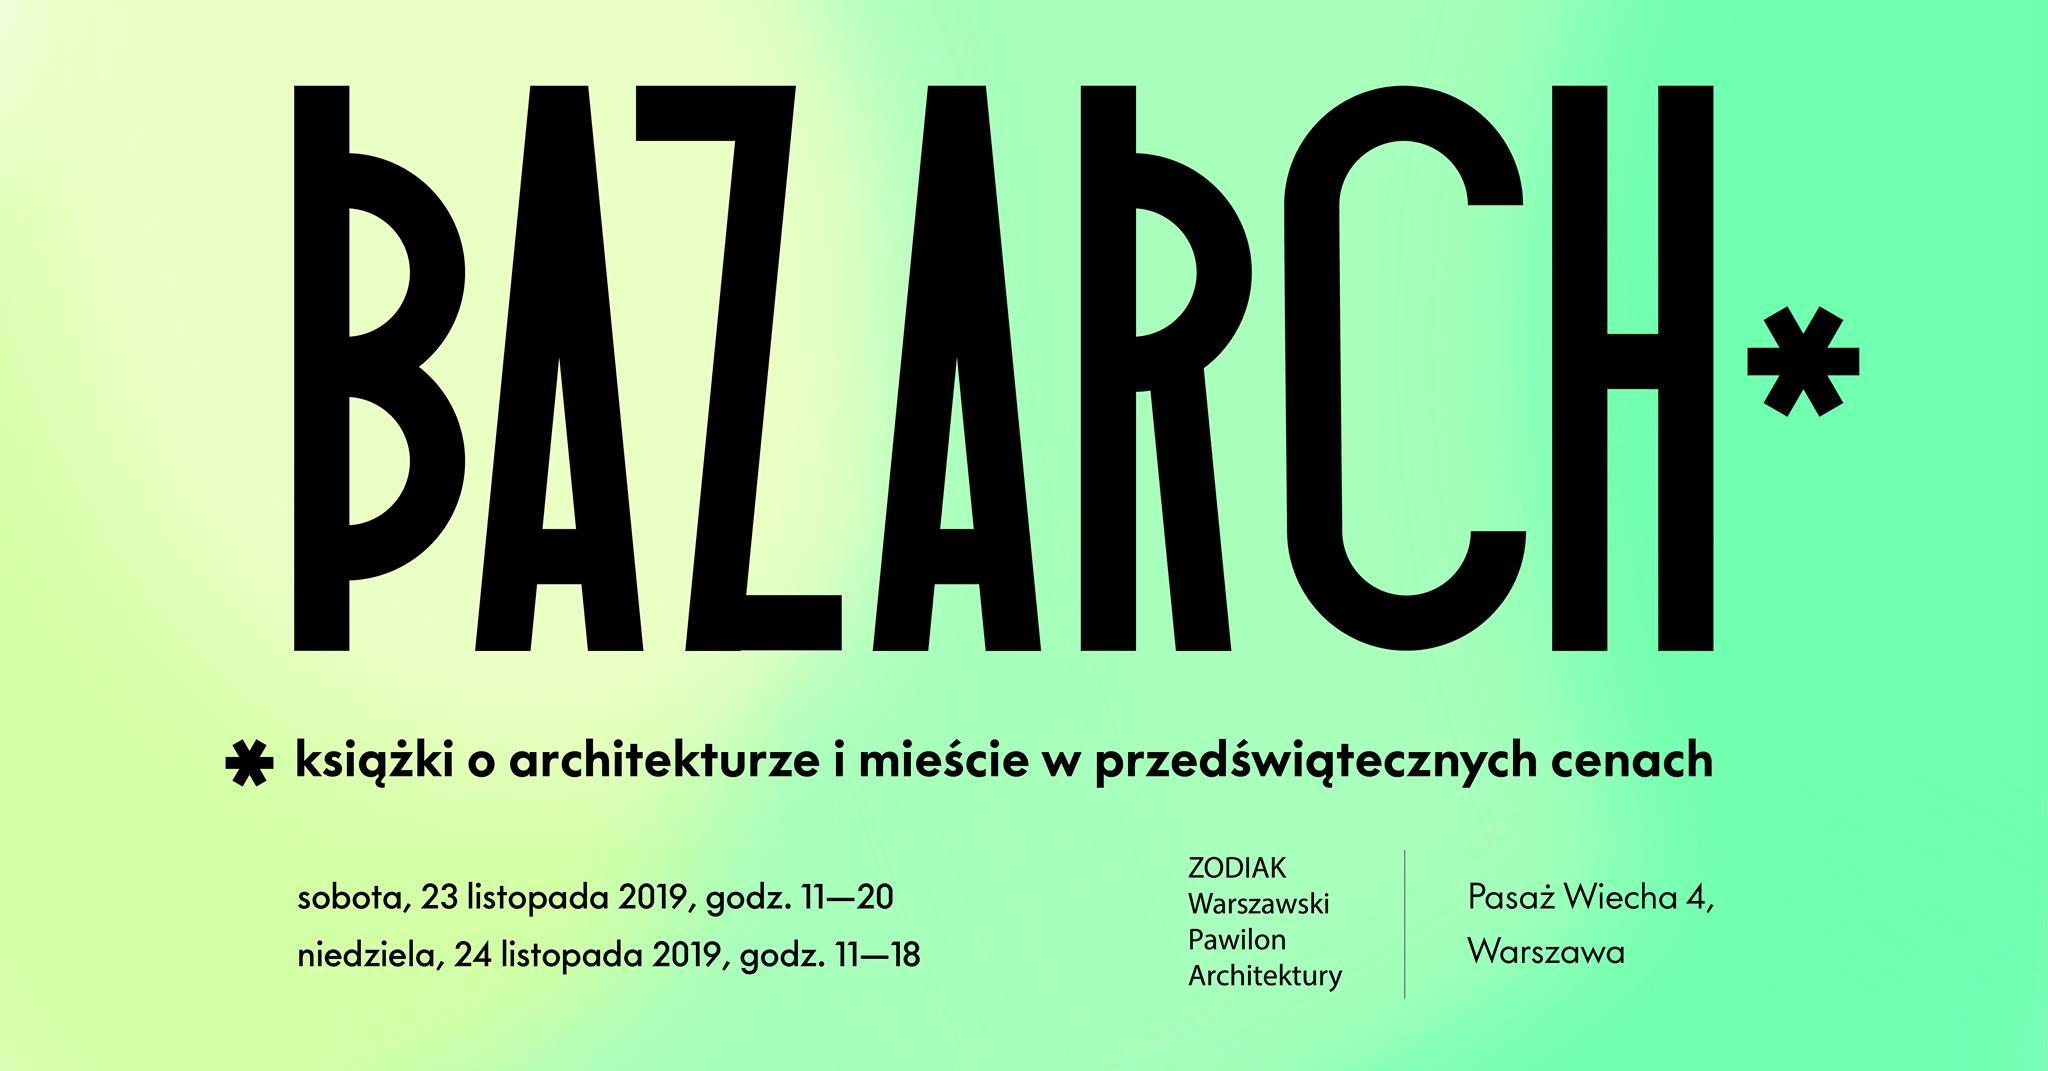 Bazarch2019